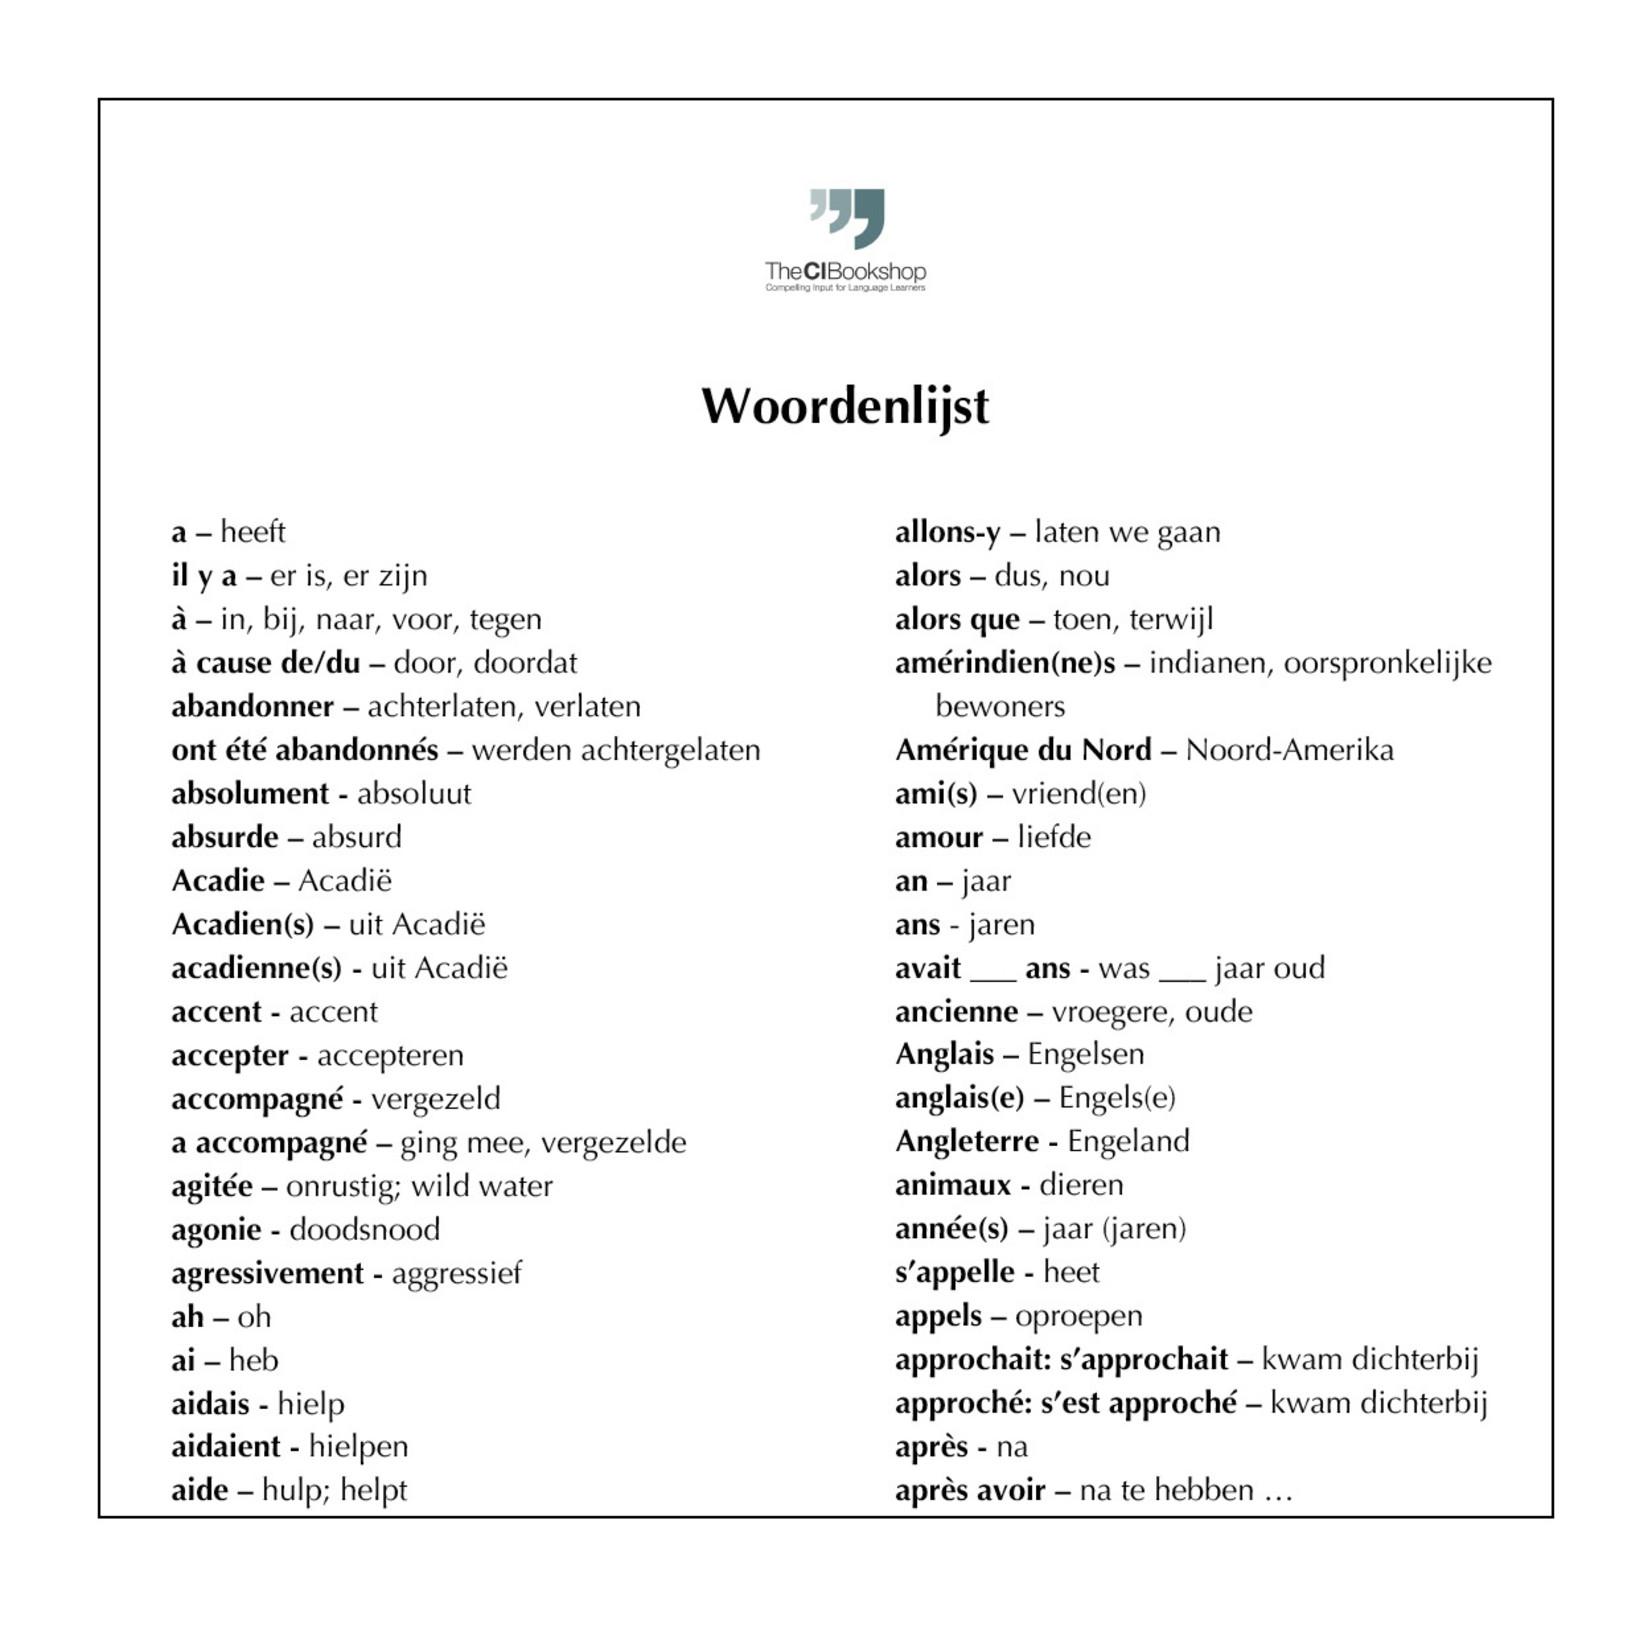 Dutch glossary for Les yeux de Carmen